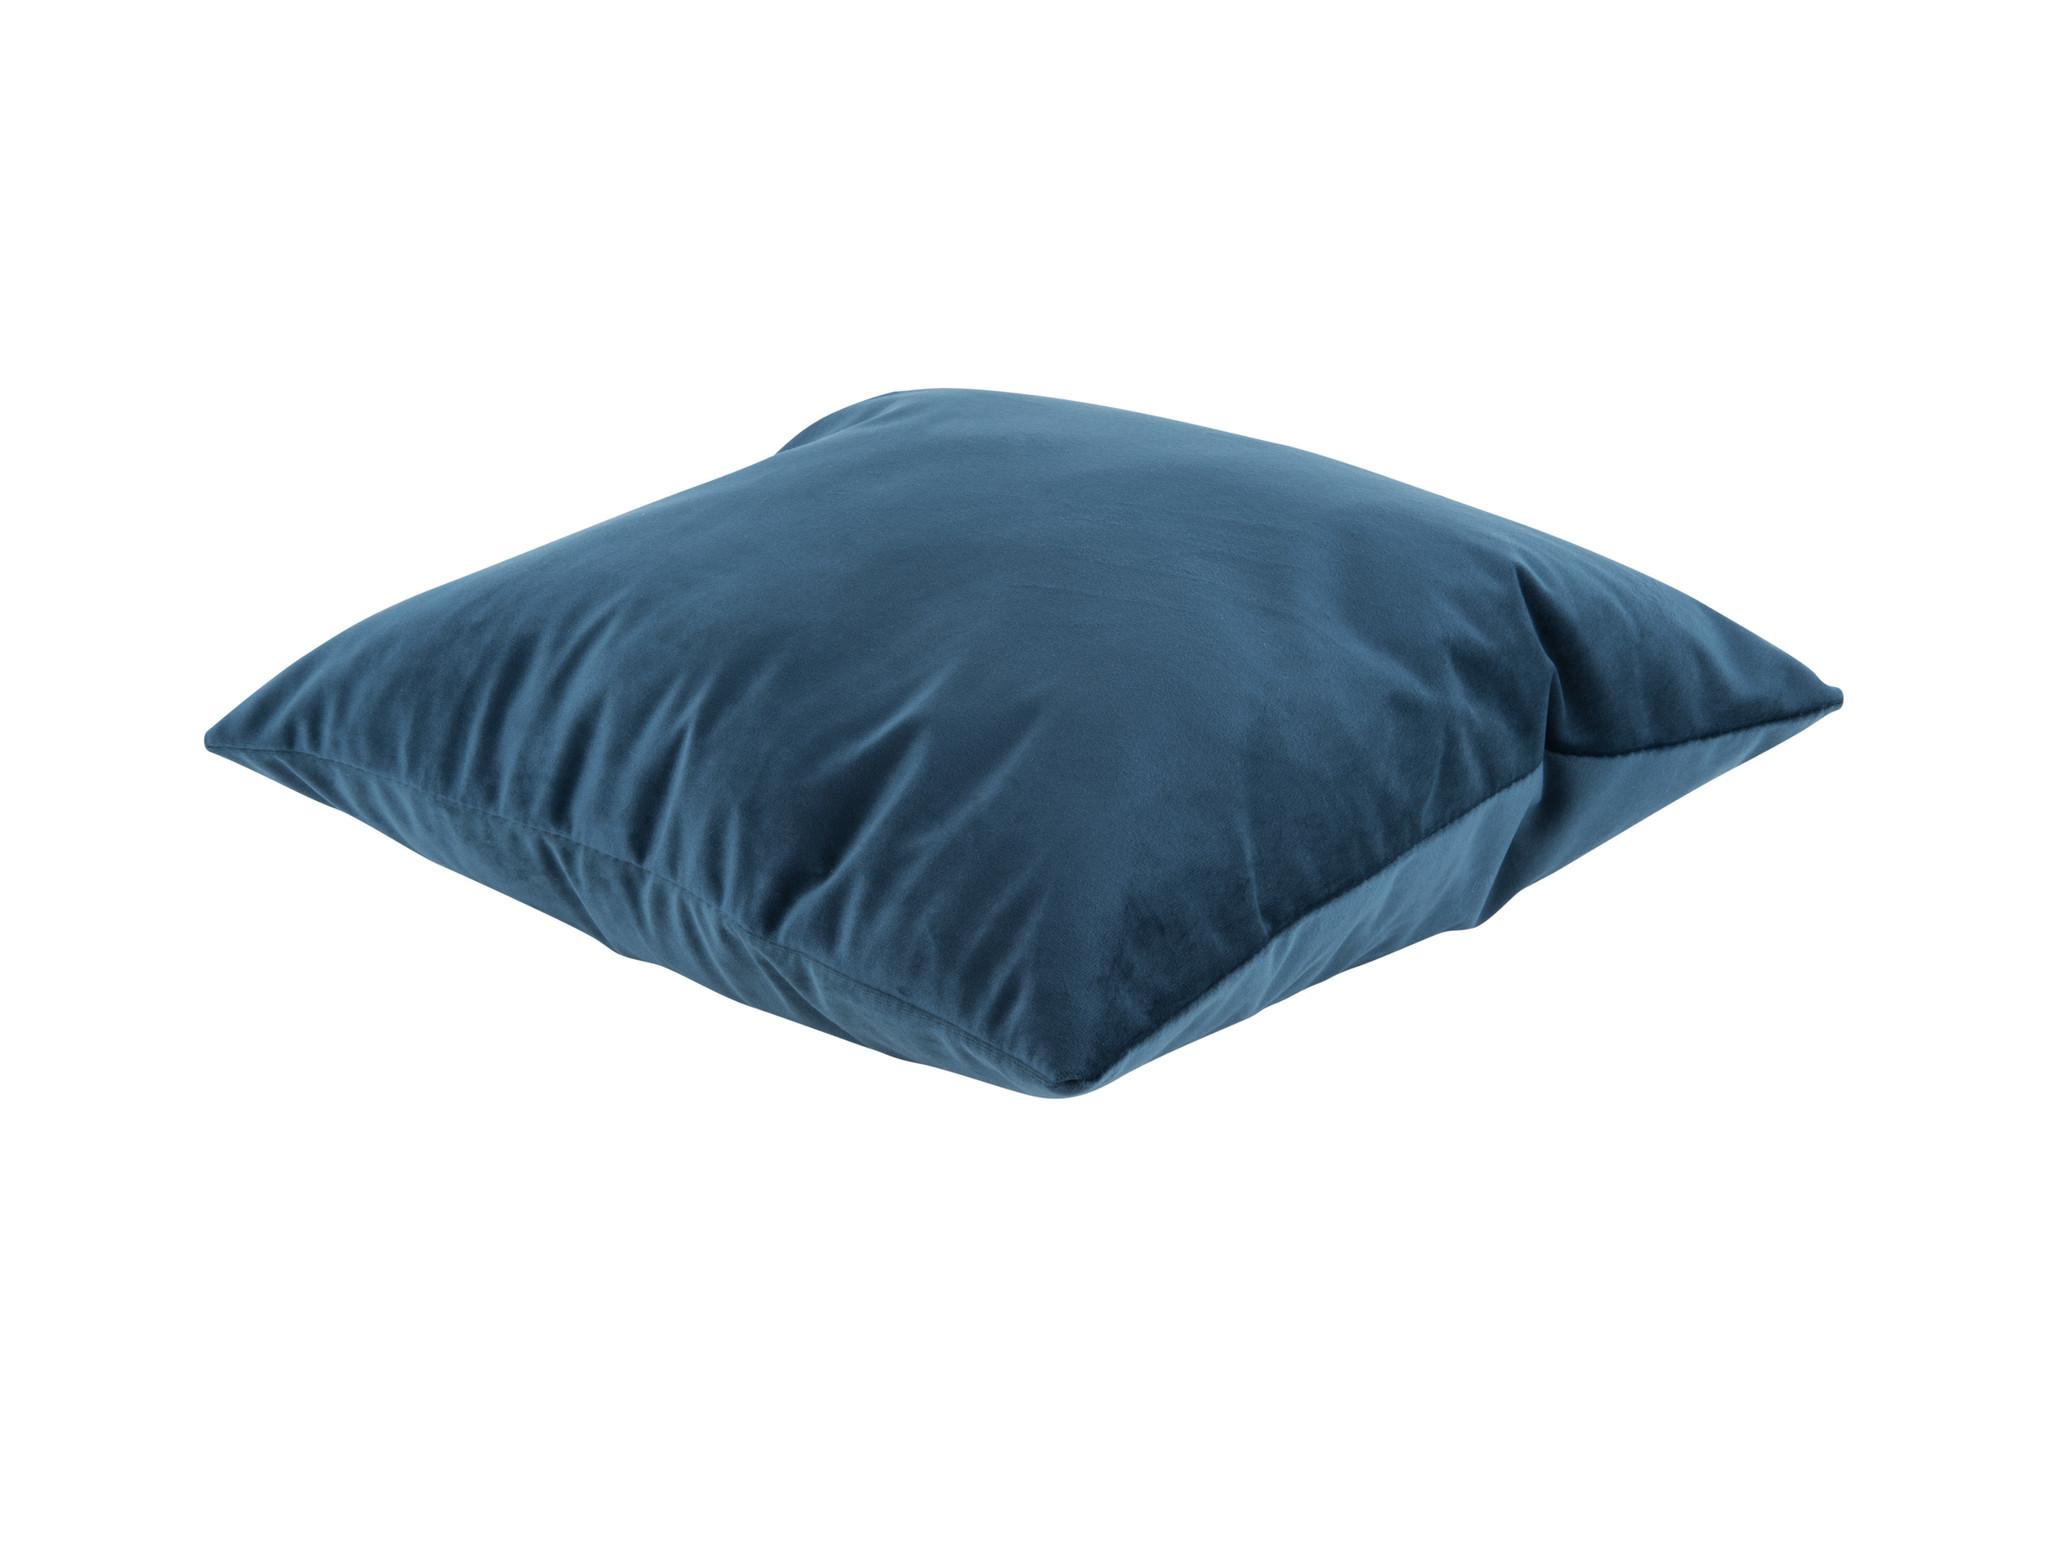 Present Time Cushion Tender velvet night blue 40 x 40 cm